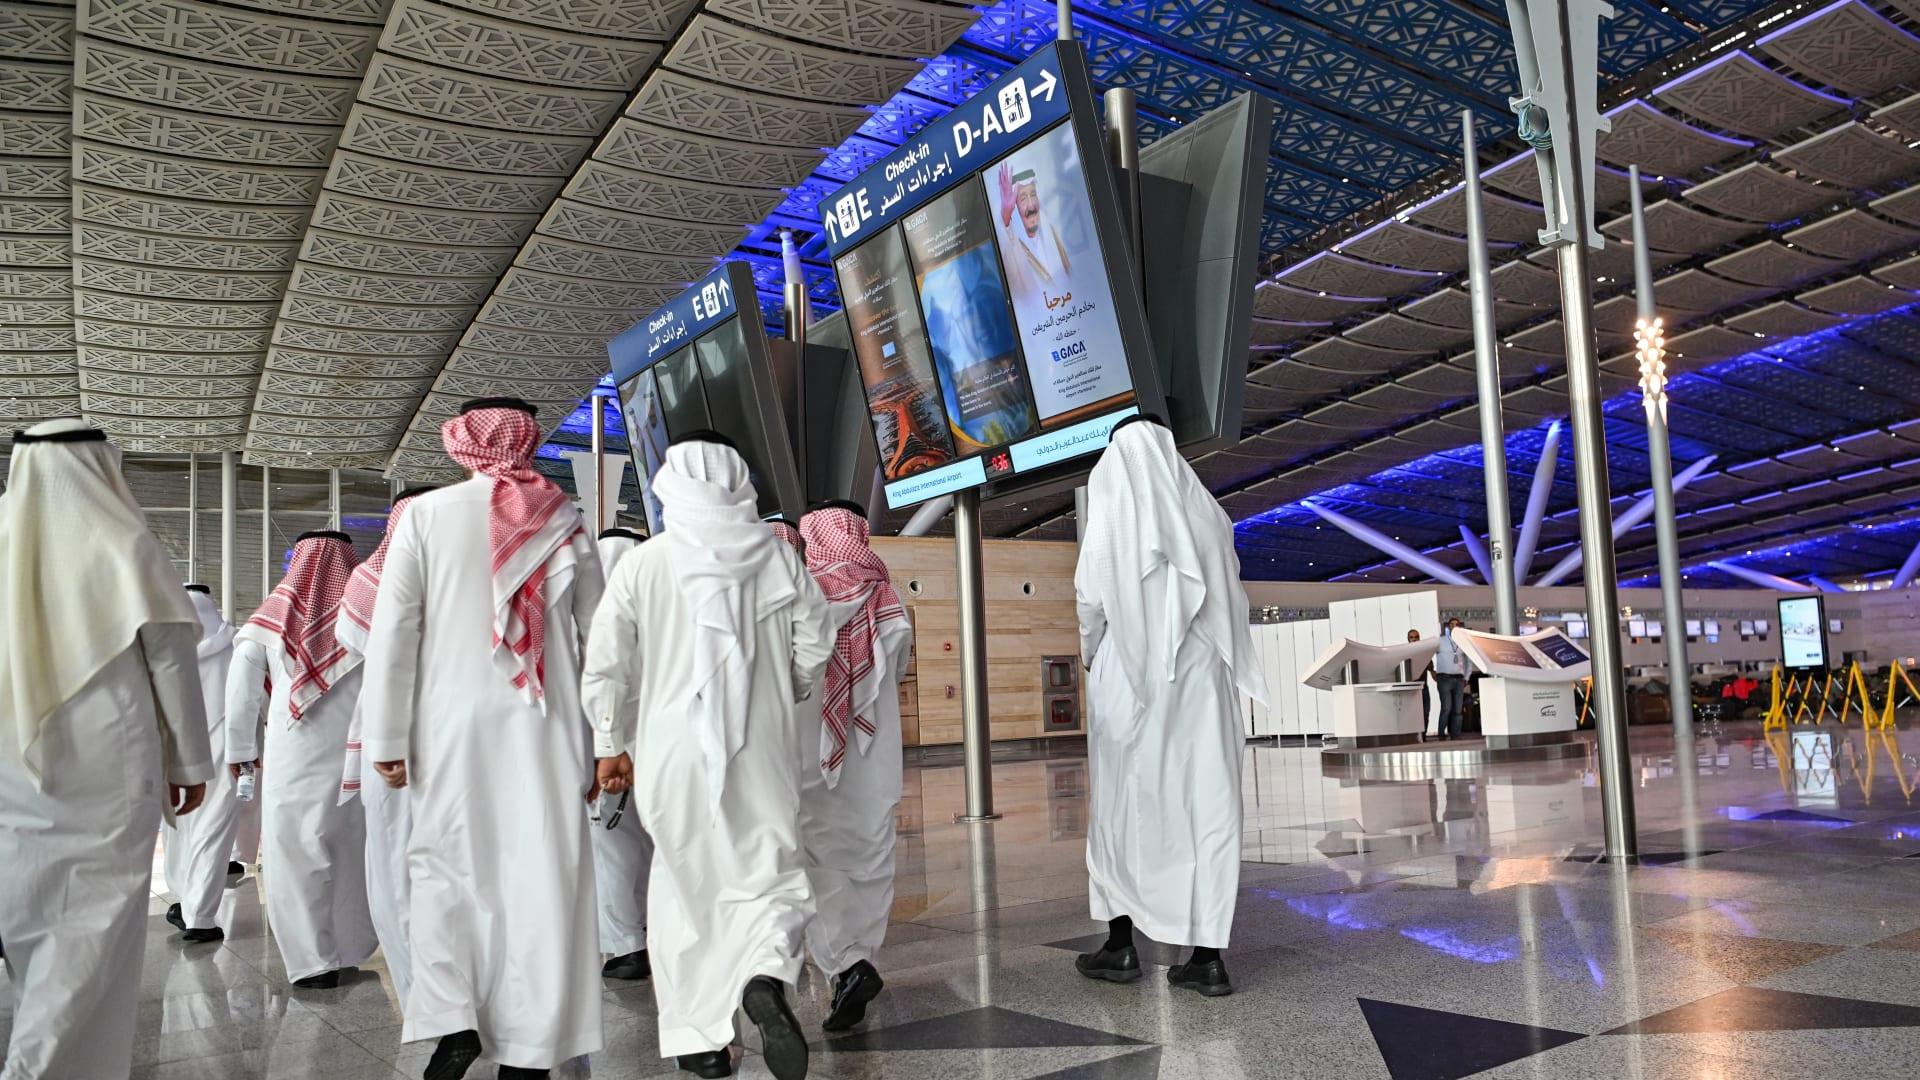 بسبب فيروس كورونا.. صناعة السفر تواجه أكبر أزمة منذ هجمات 11 سبتمبر